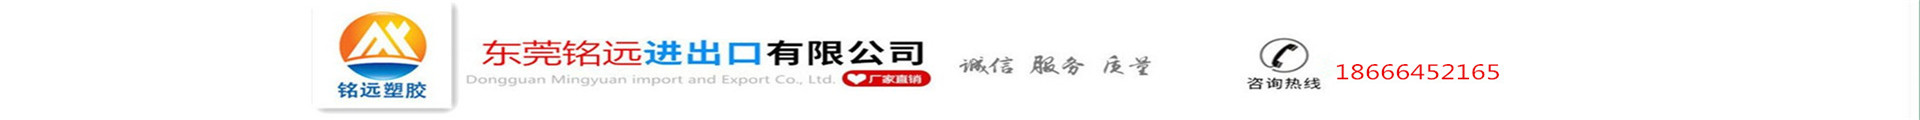 東莞市銘遠塑膠有限公司